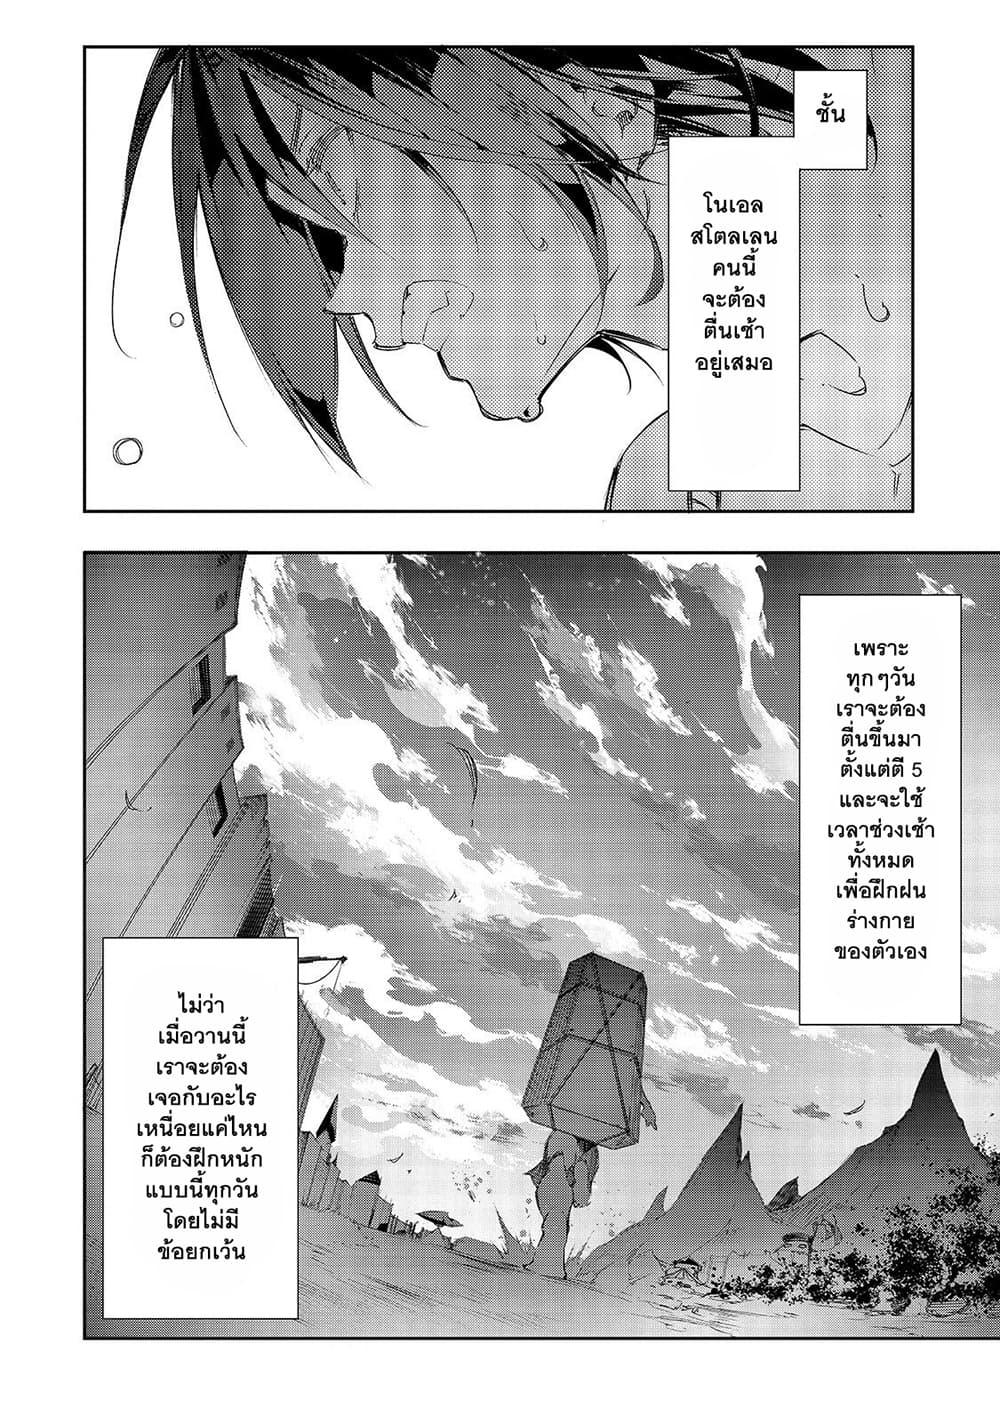 อ่านการ์ตูน Saikyou no Shien-shoku Wajutsushi Dearu Ore wa Sekai Saikyou Kuran o Shitagaeru ตอนที่ 9 หน้าที่ 5